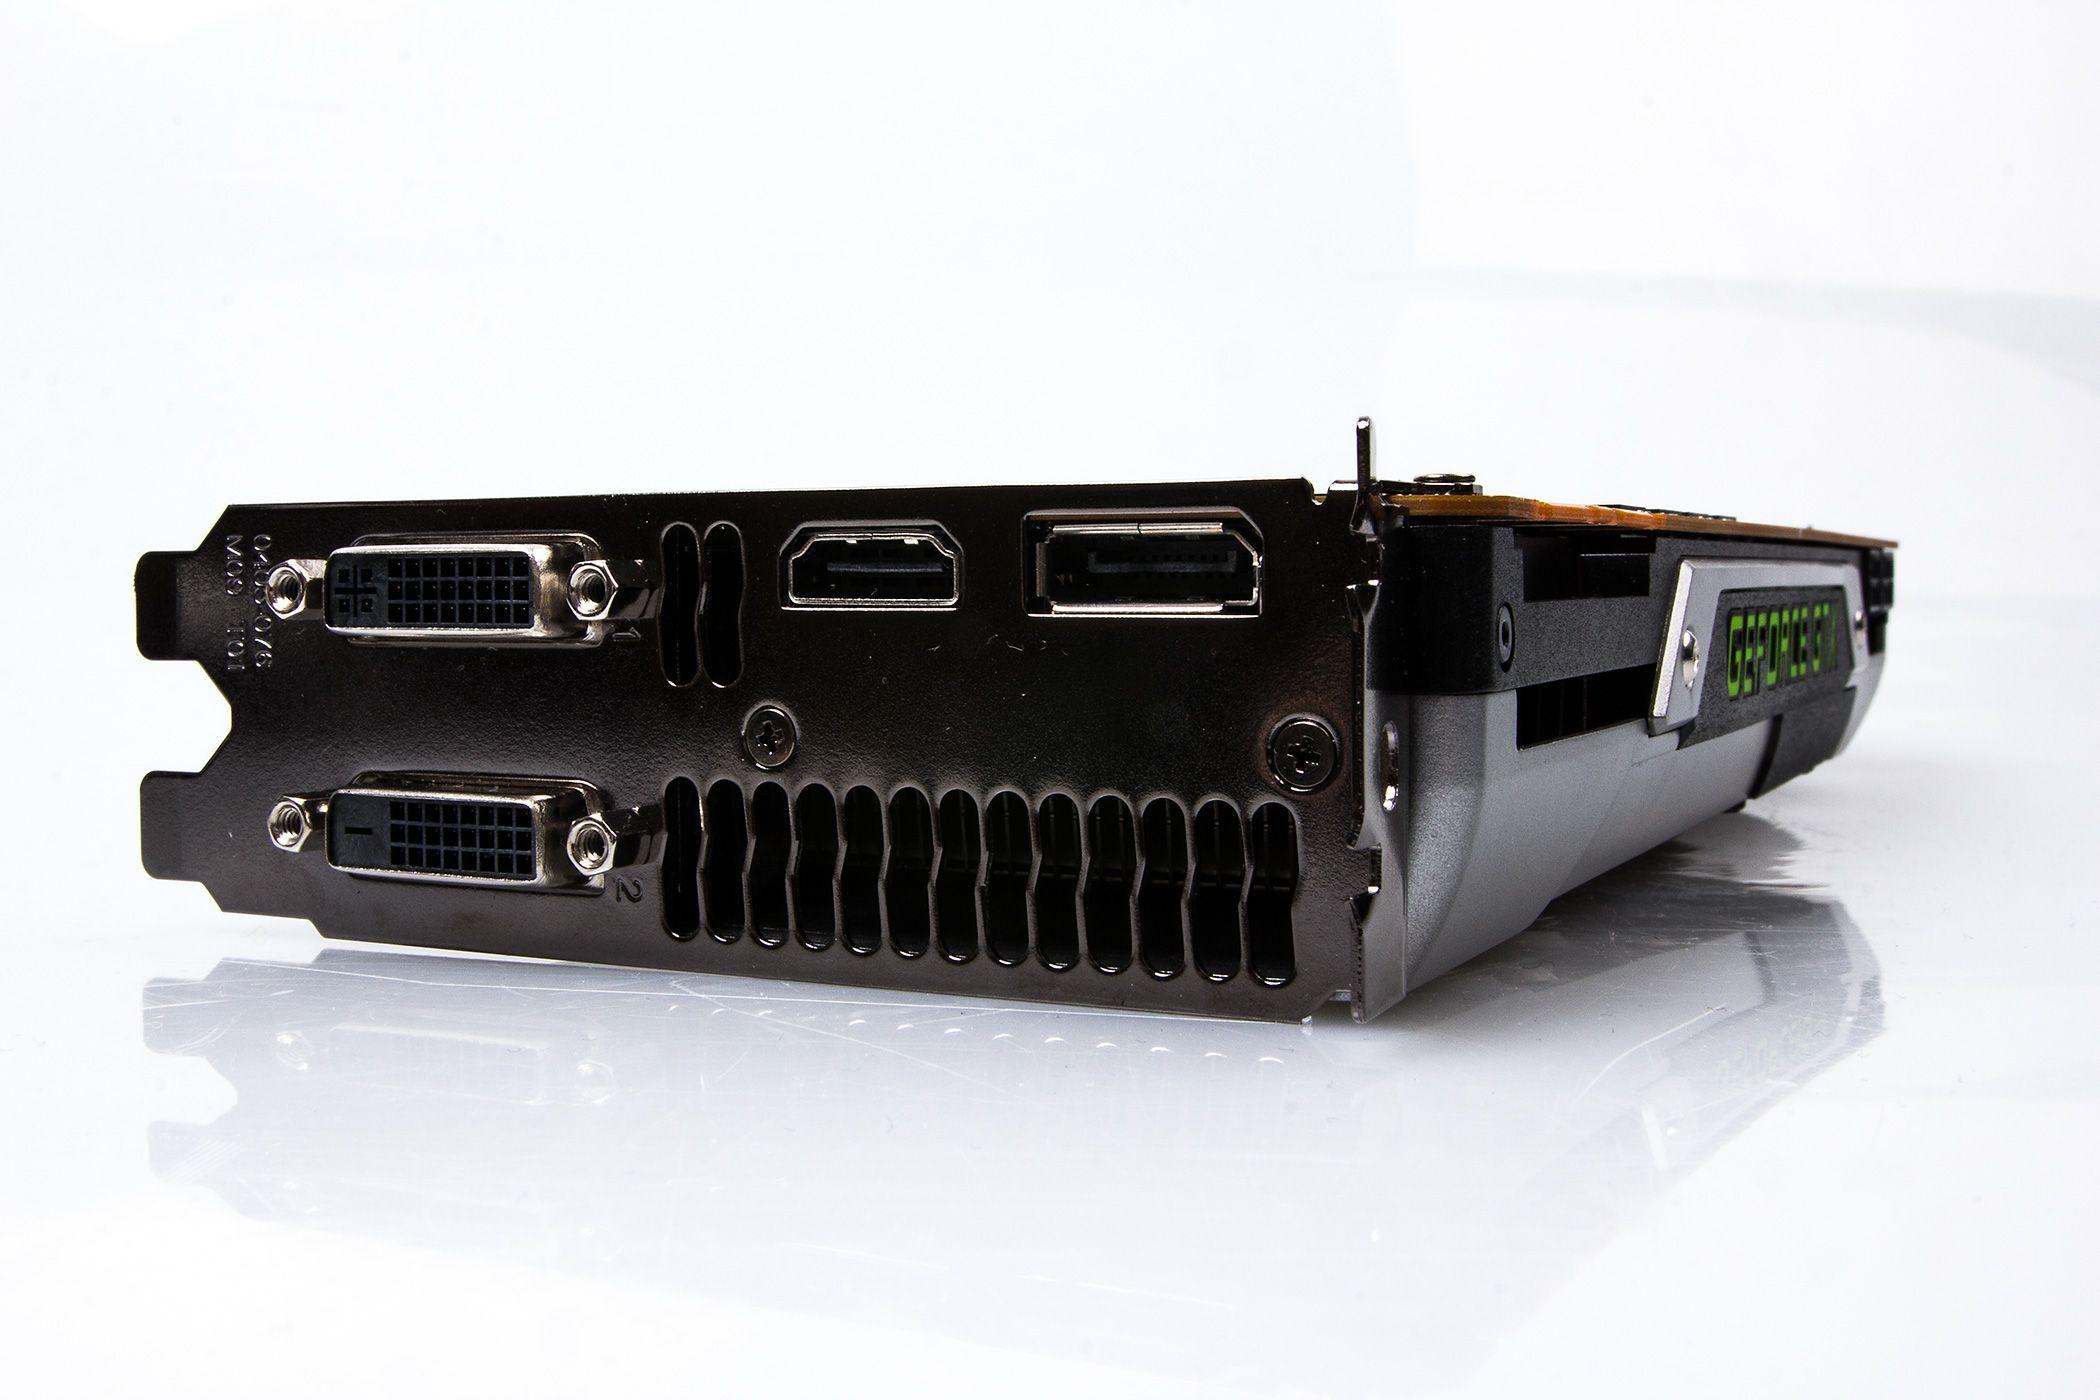 GTX Titan kan skilte med to DVI-utganger, så vel som HDMI og DisplayPort 1.2.Foto: Varg Aamo, hardware.no